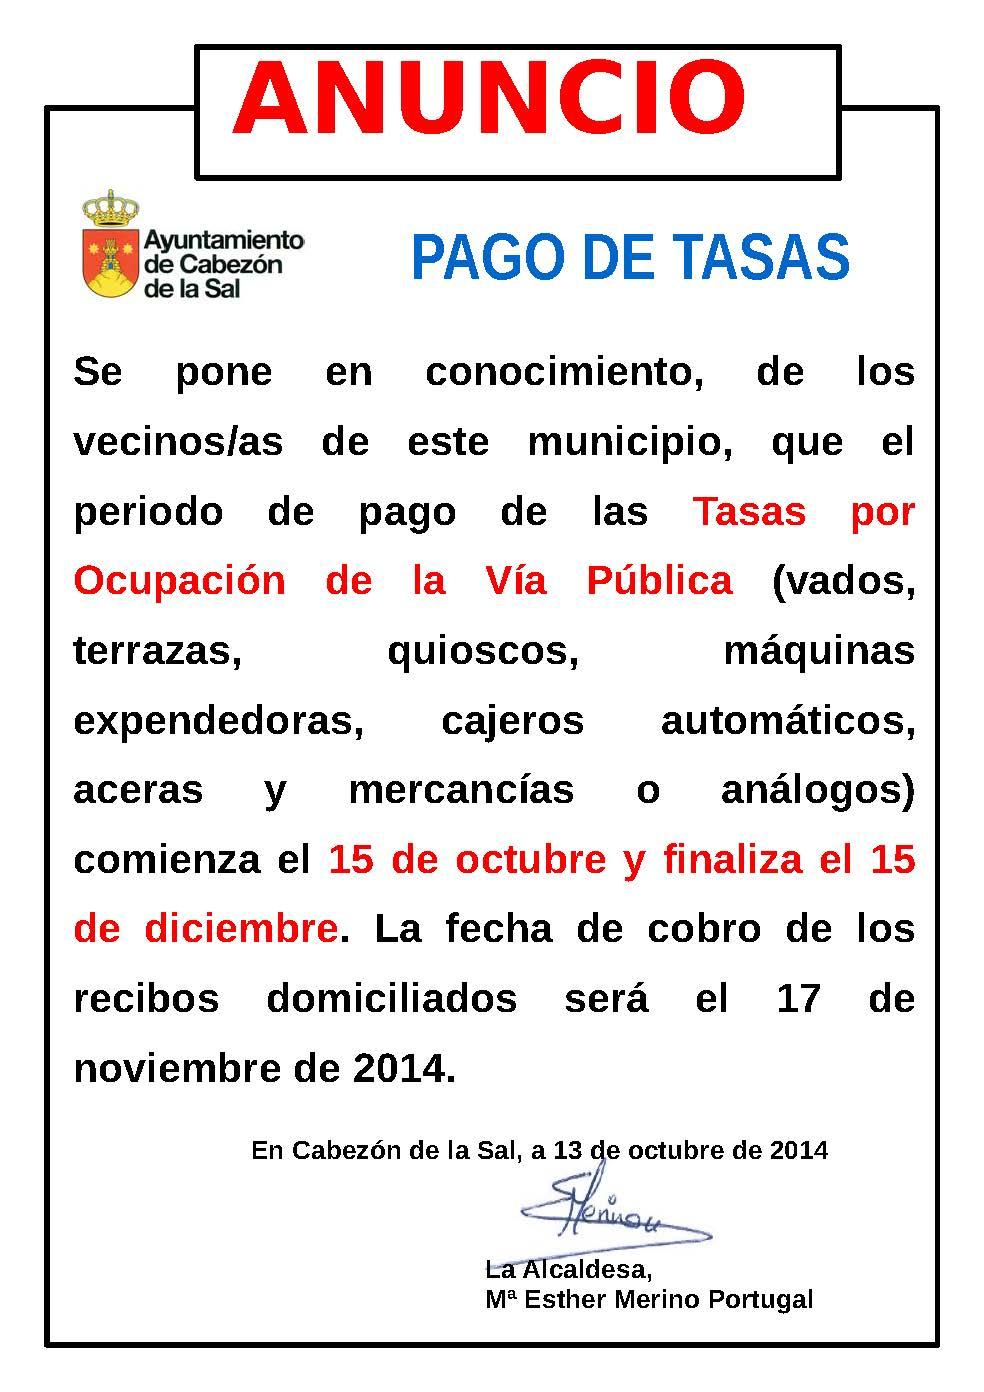 http://www.cabezondelasal.net/wp-content/uploads/2014/10/Aviso-de-Cobro.jpg